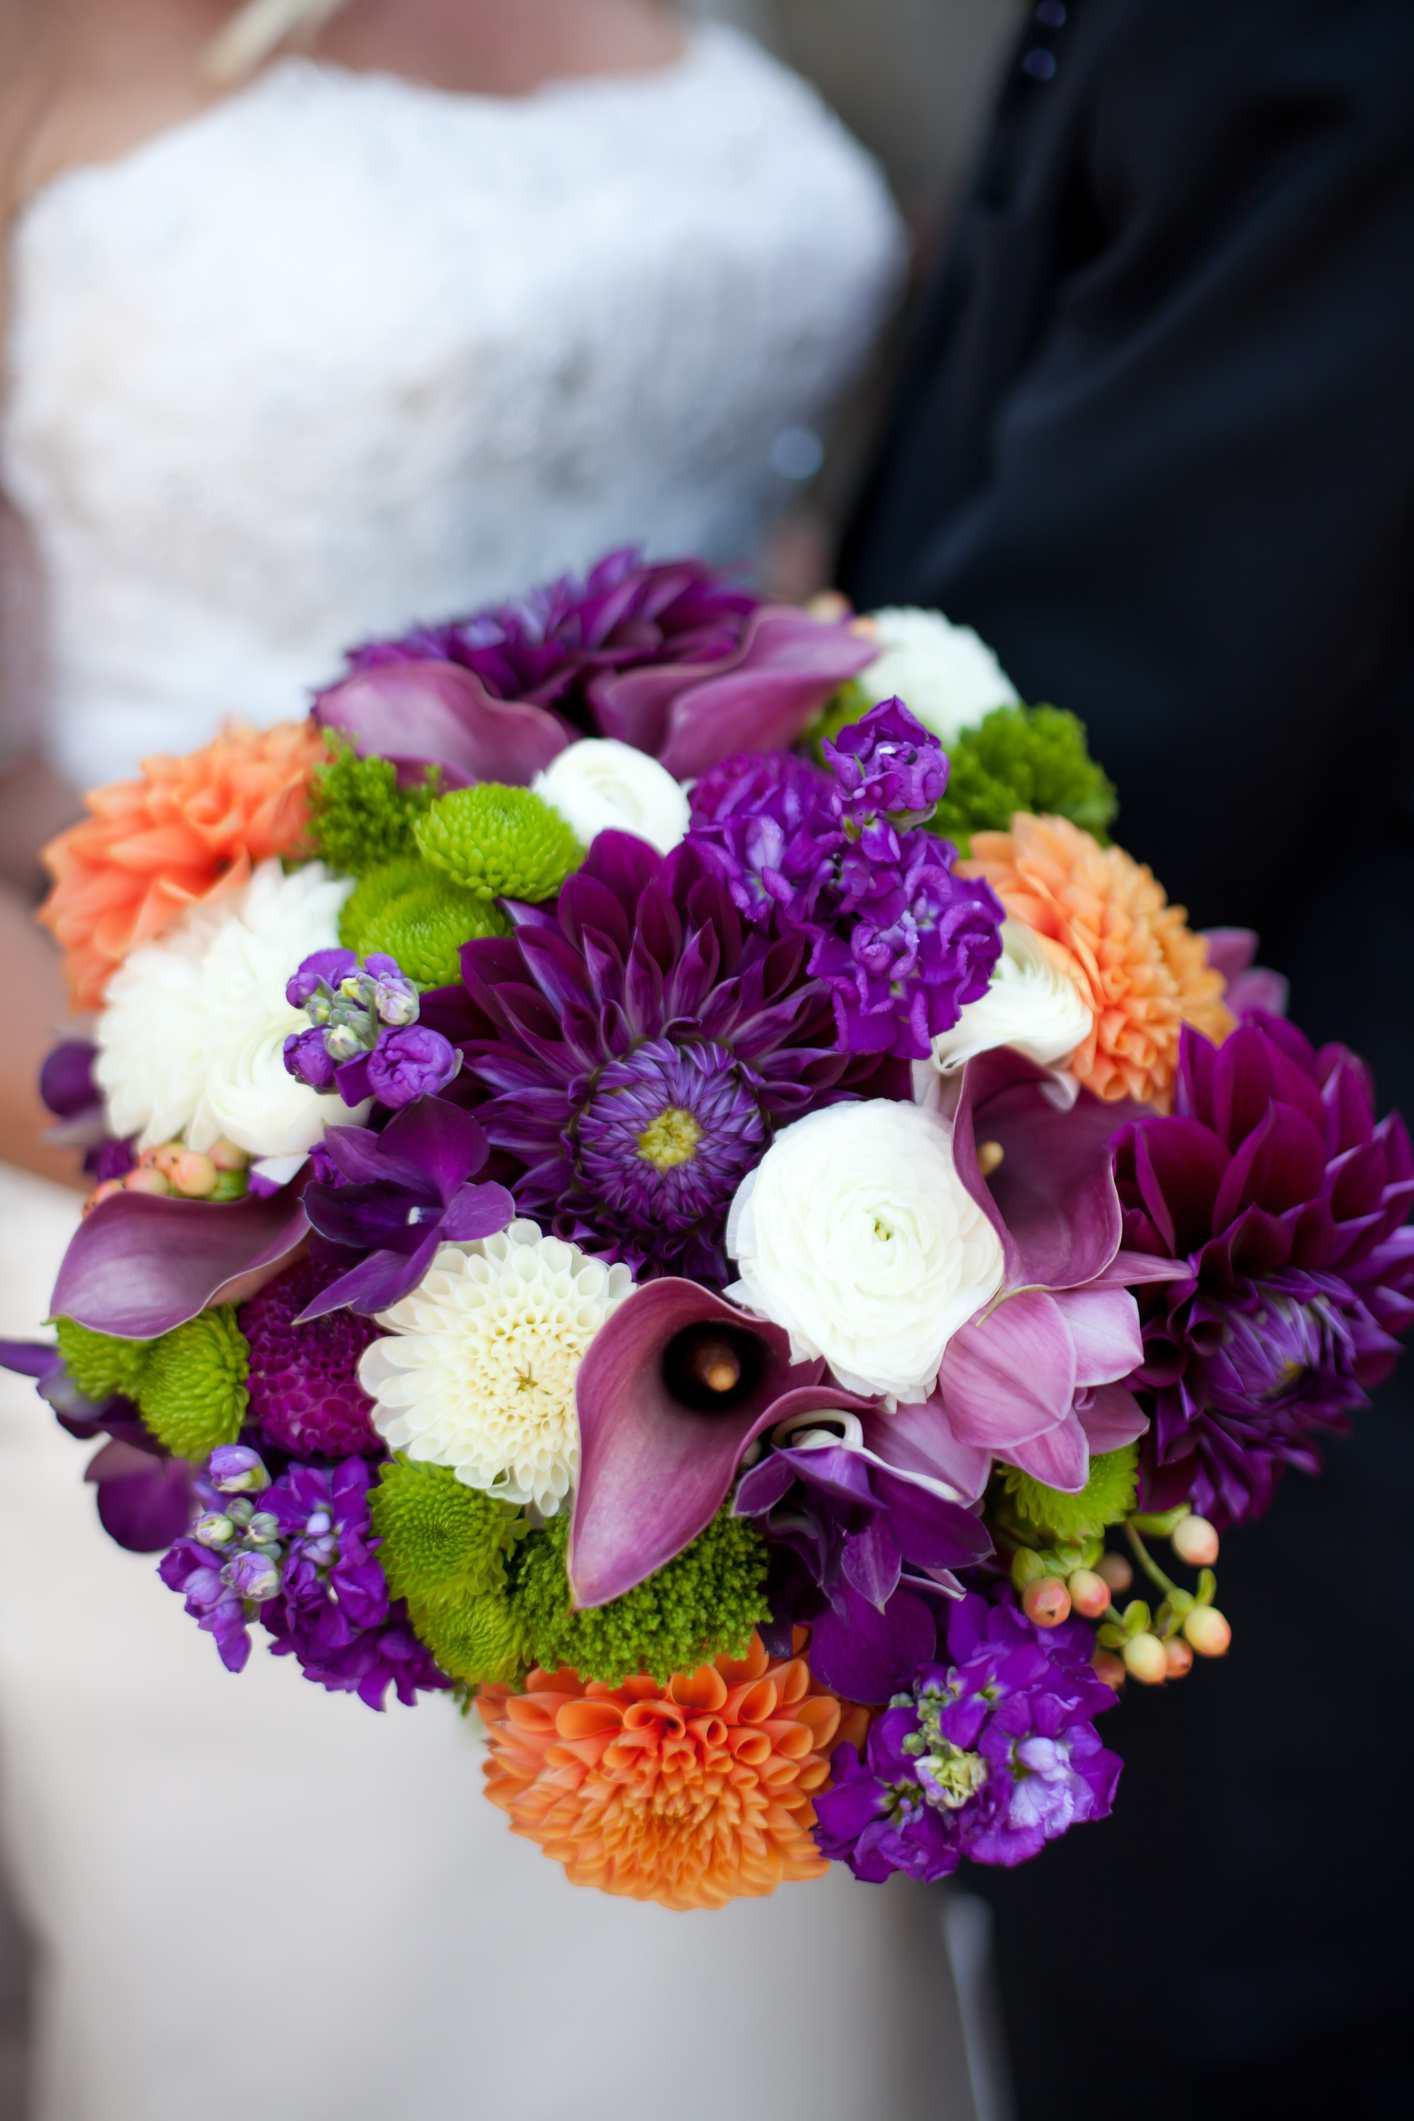 purpleandorangebouquet 5908de975f9b b8a72